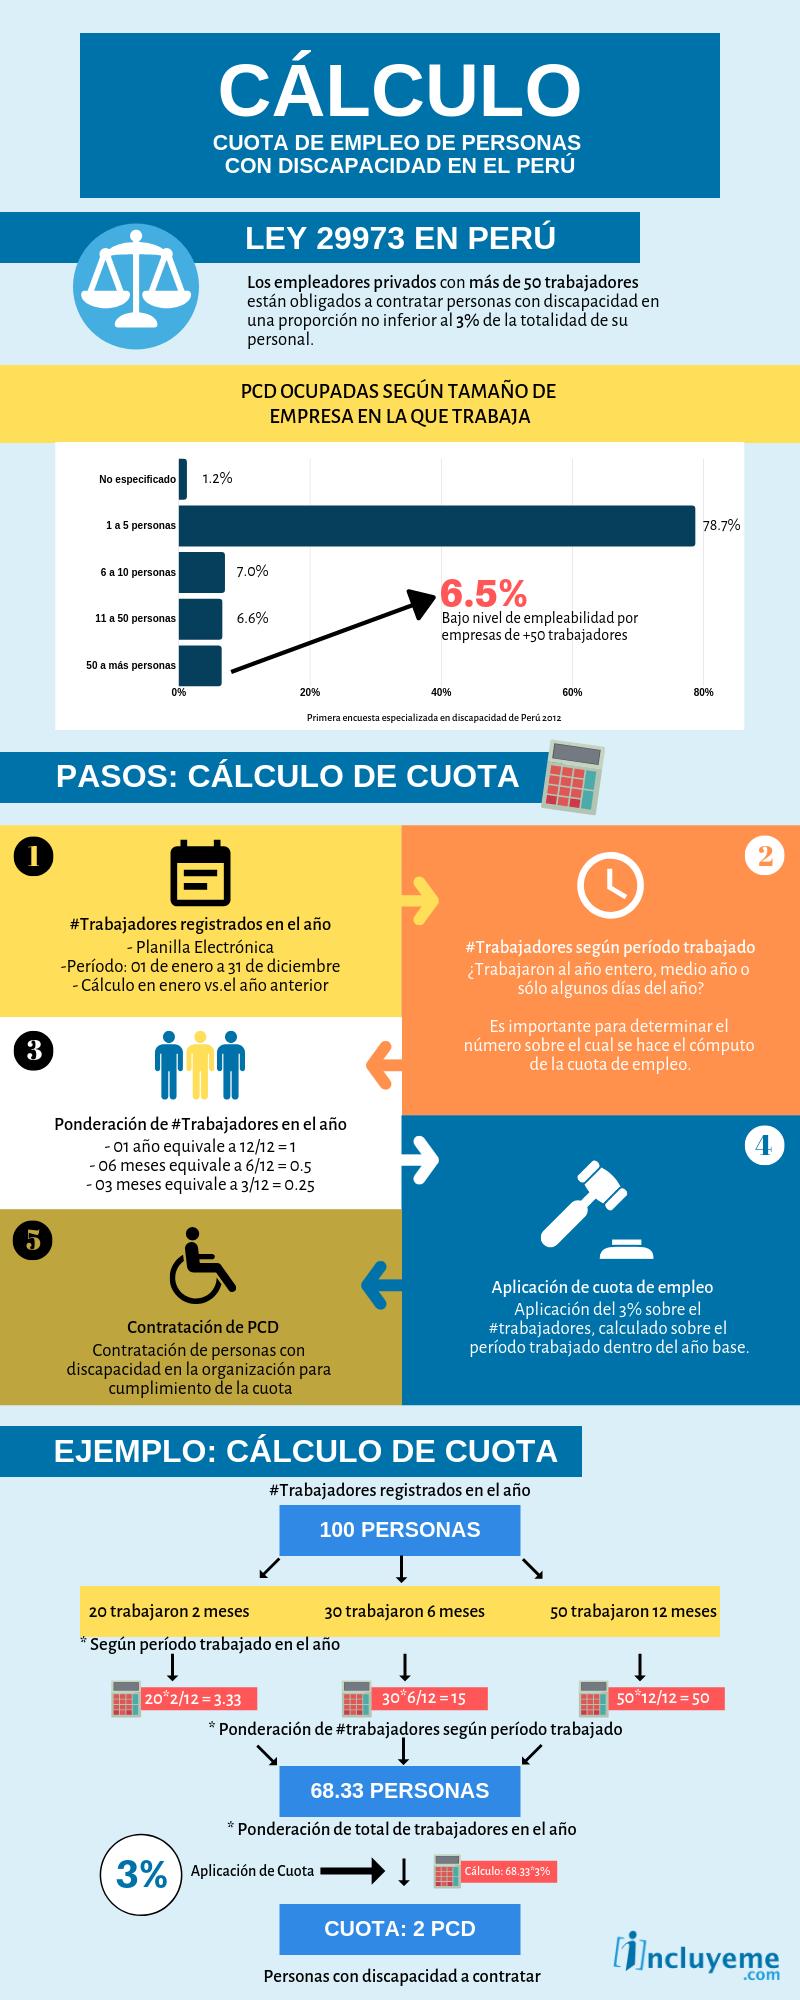 INFOGRAFIA ley de cuotas perú